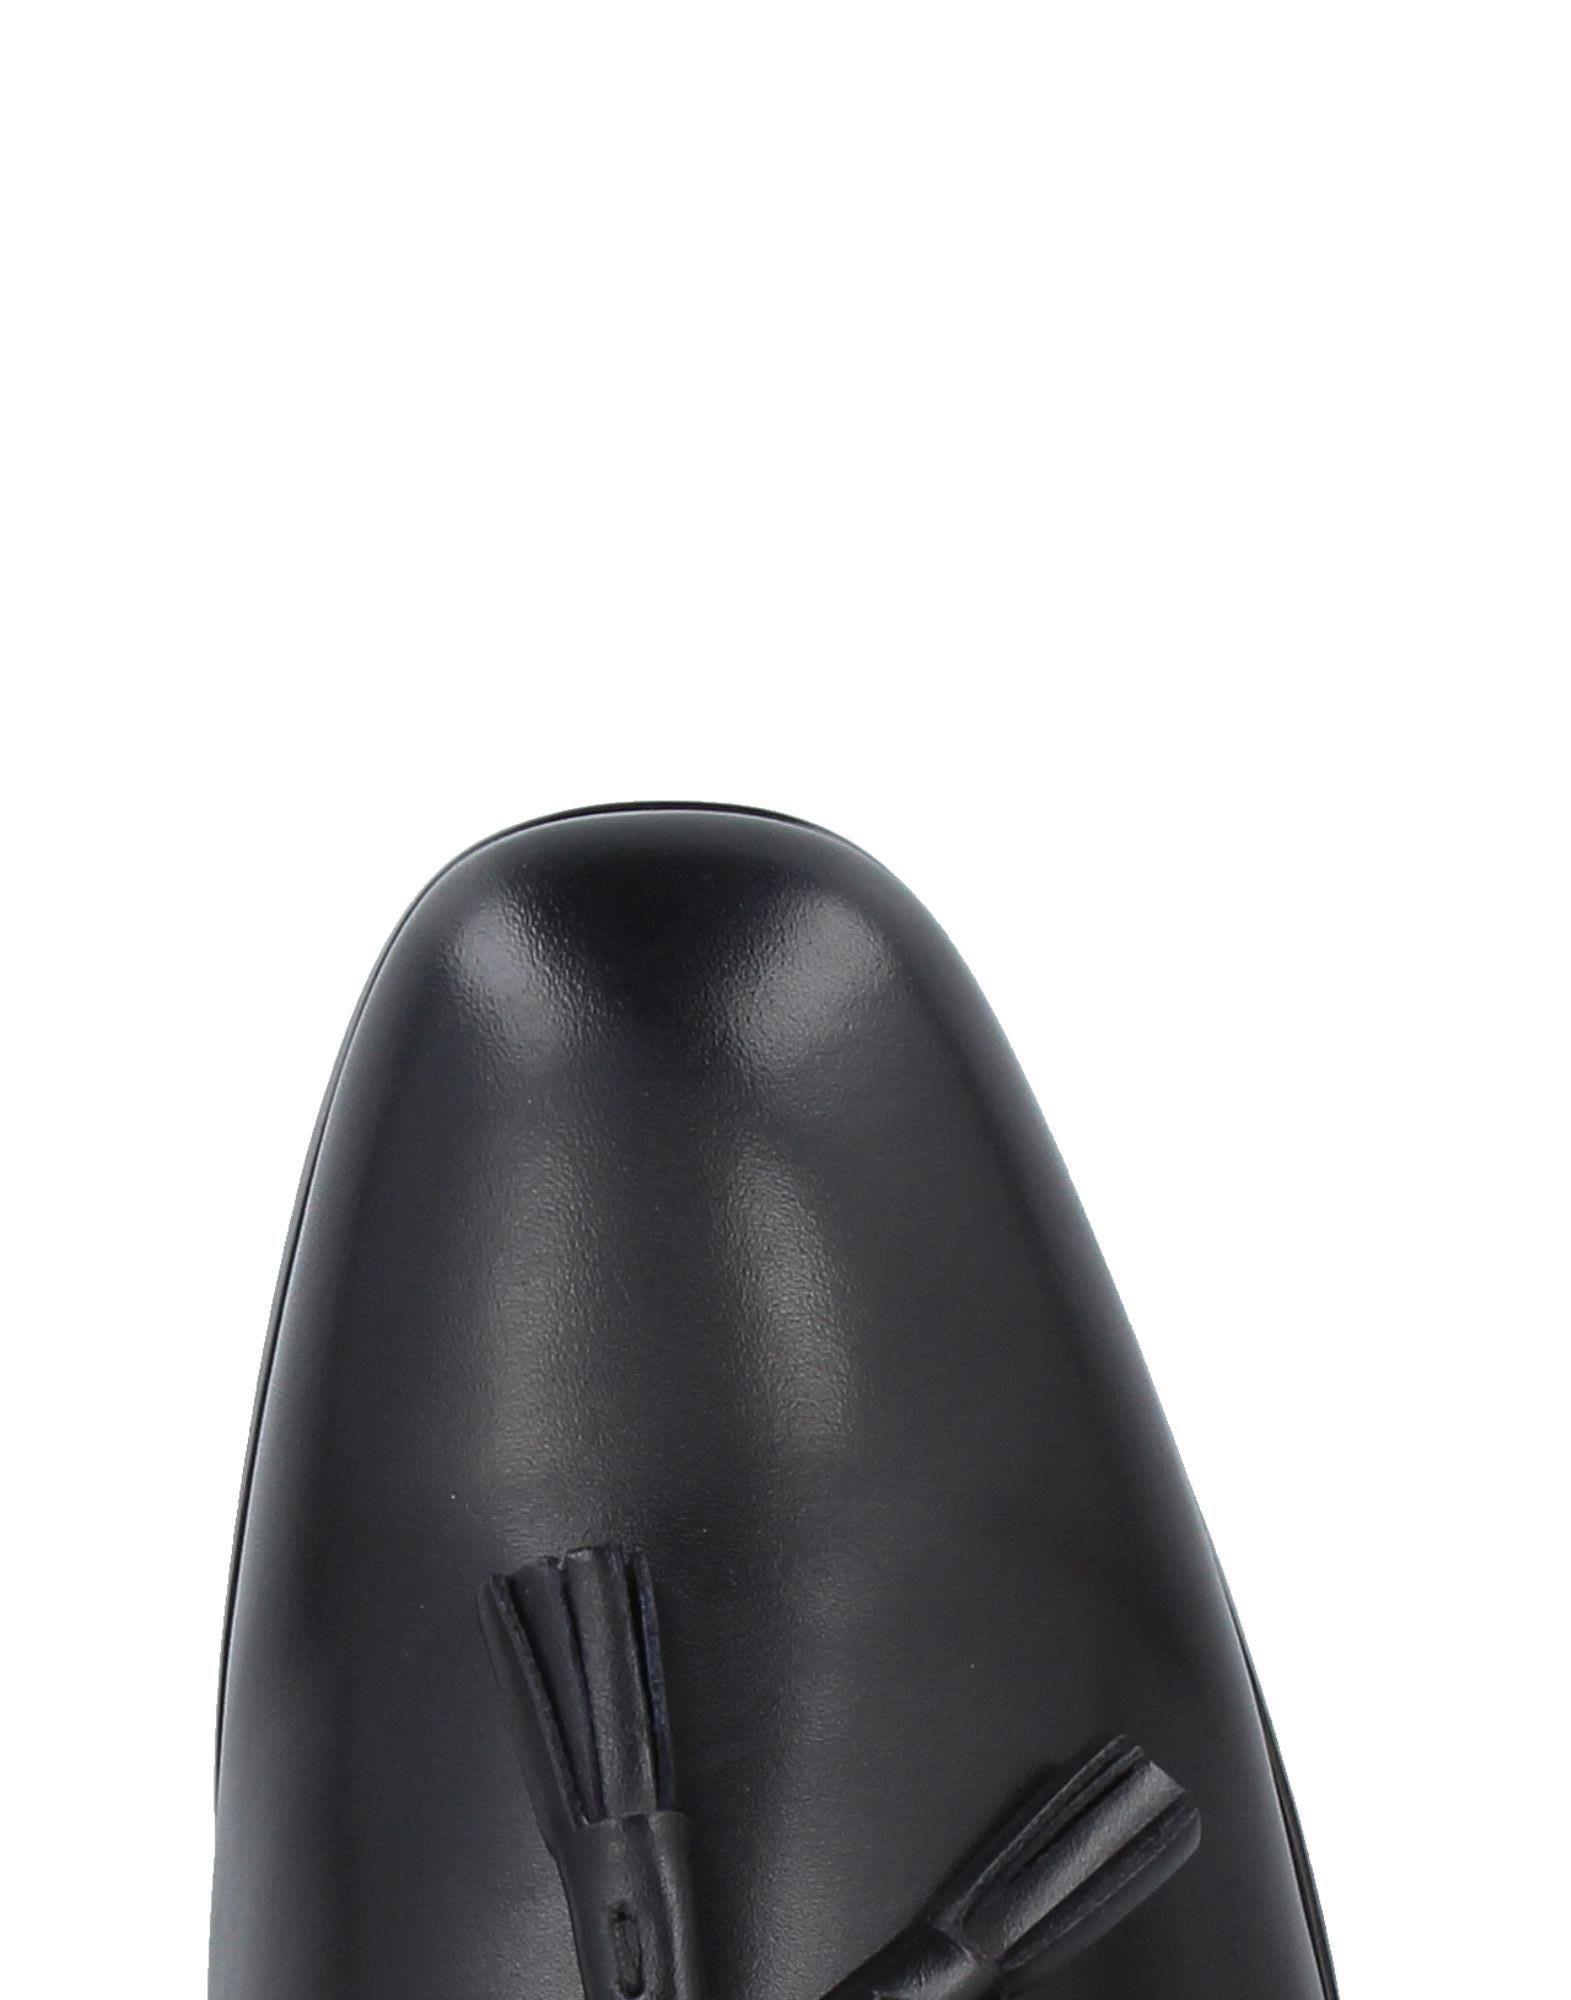 Salvatore Ferragamo Gute Mokassins Herren  11397889WI Gute Ferragamo Qualität beliebte Schuhe f74a63